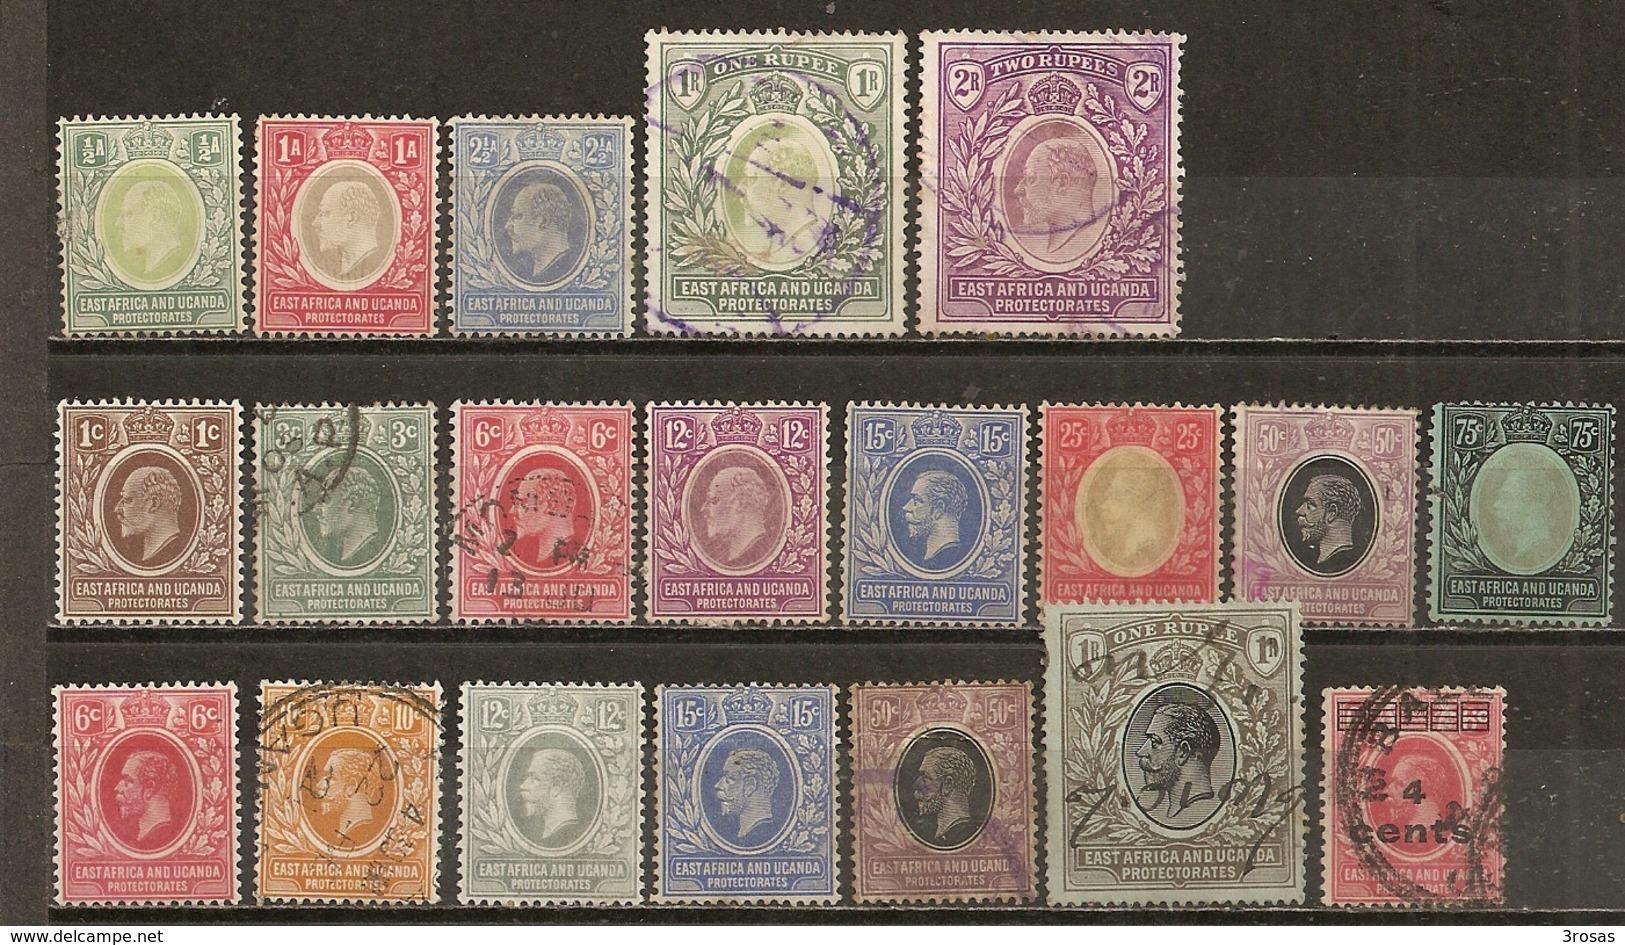 Eats Africa & Uganda Protectorate 1903/1912 Nice Range With High Value Items (incl 1R & 2R) - Protectorados De África Oriental Y Uganda